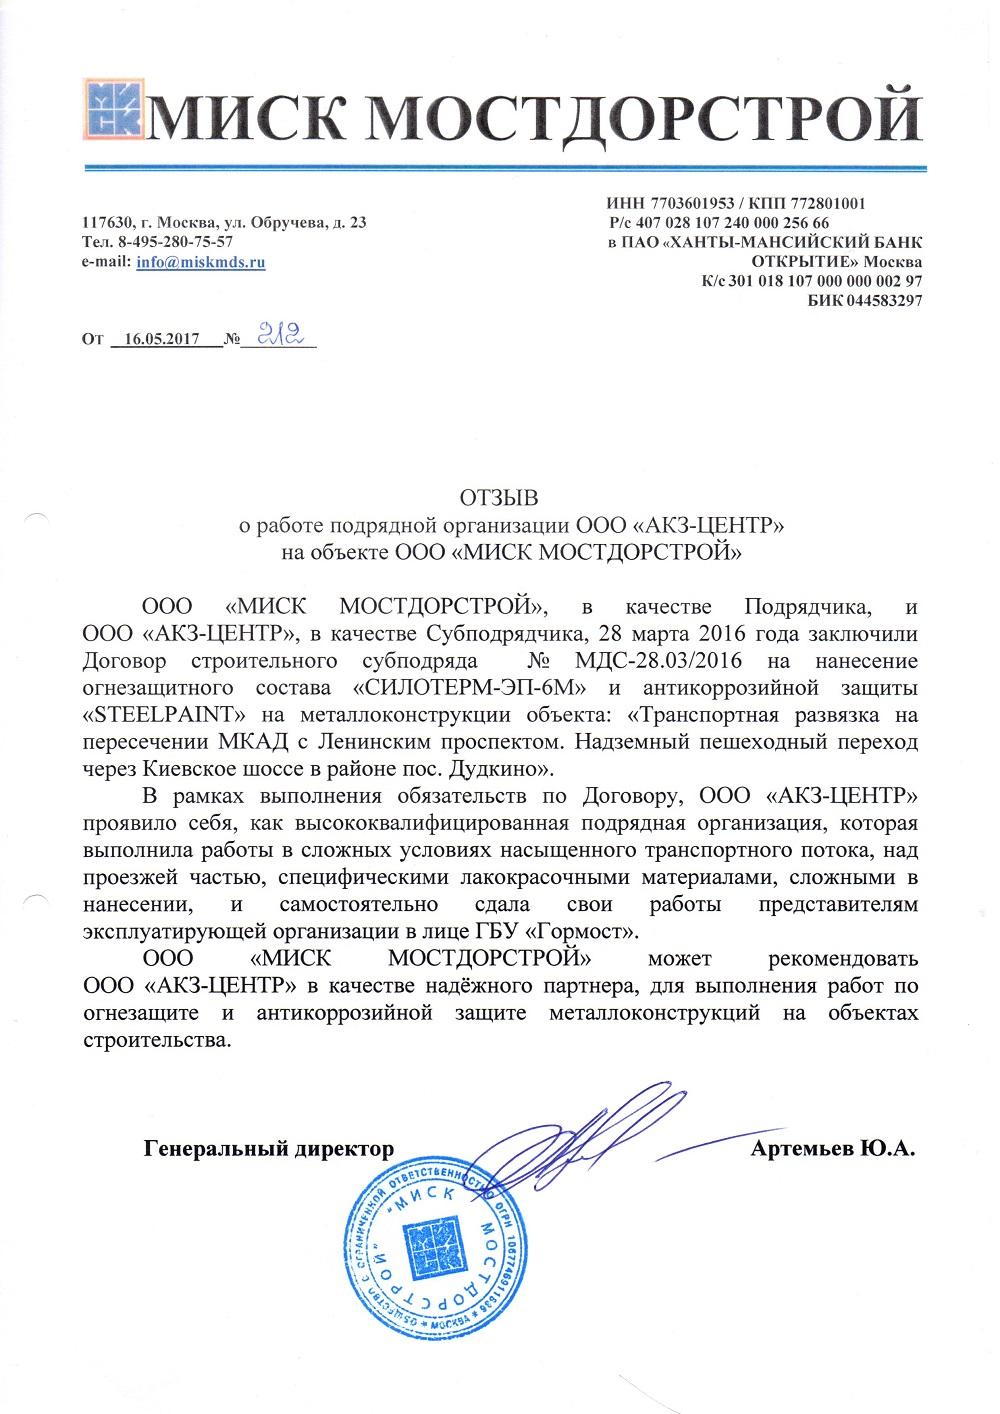 Рекомендательное письмо ООО МИСК МОСТДОРСТРОЙ